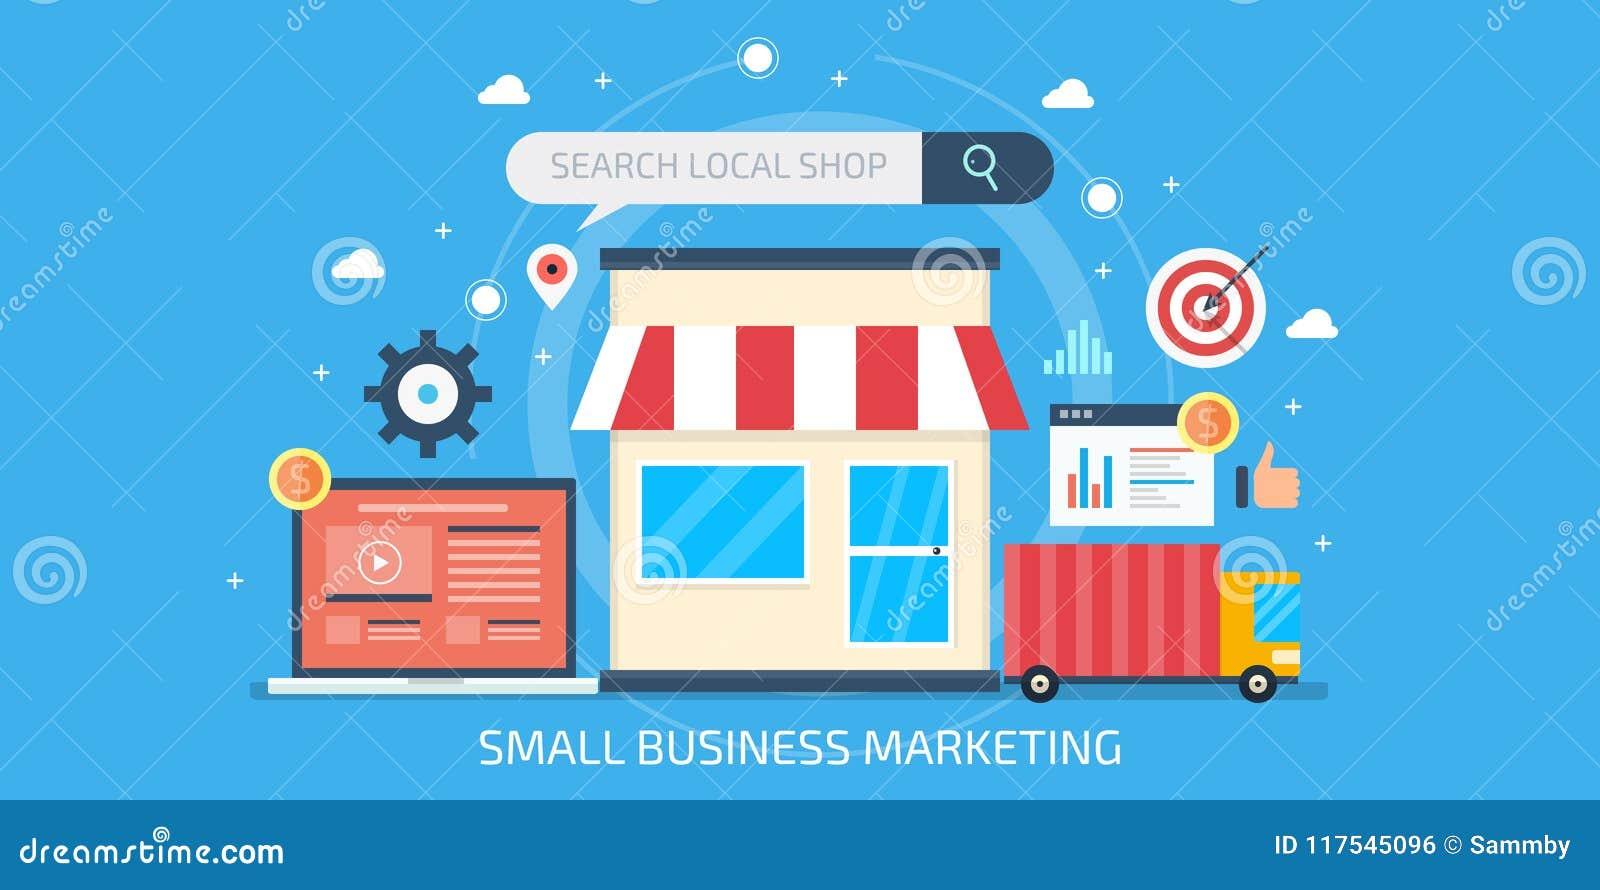 小企业营销,地方企业优化, seo营销,小商店的互联网广告 平的设计横幅